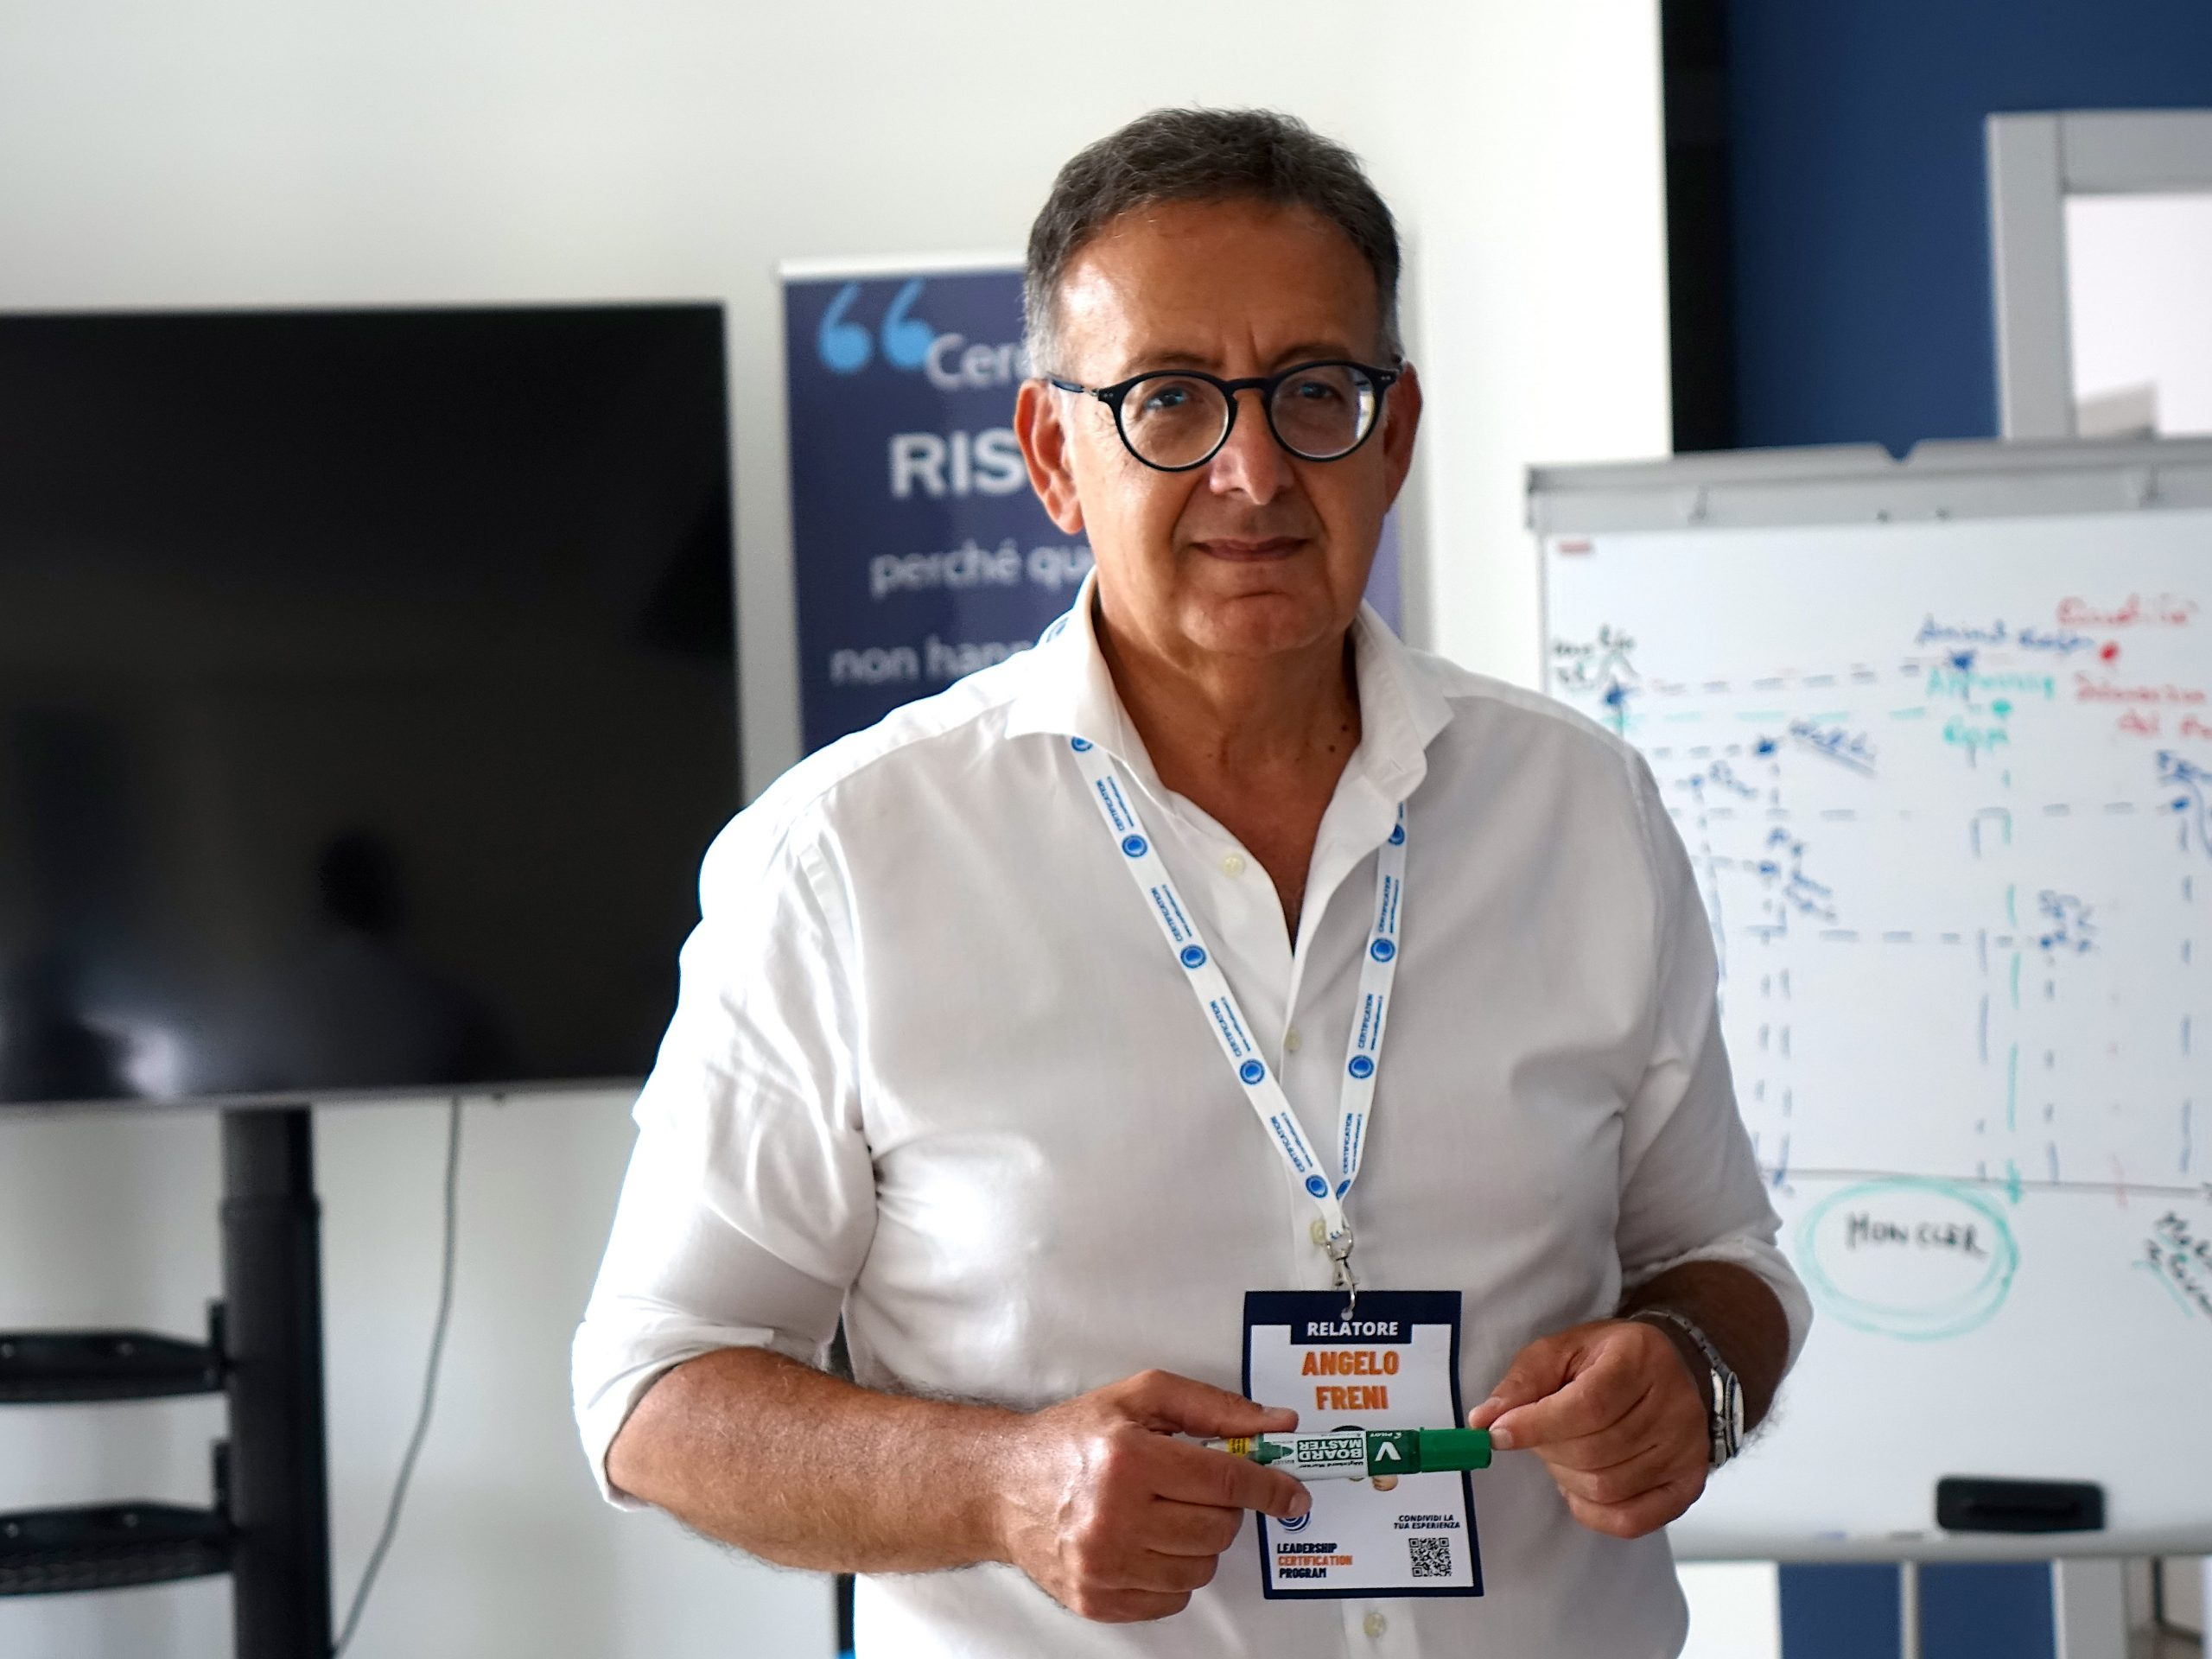 L'Agorà di Angelo Freni - CIO (Chief Innovation Officer) DSC01870 min scaled 1